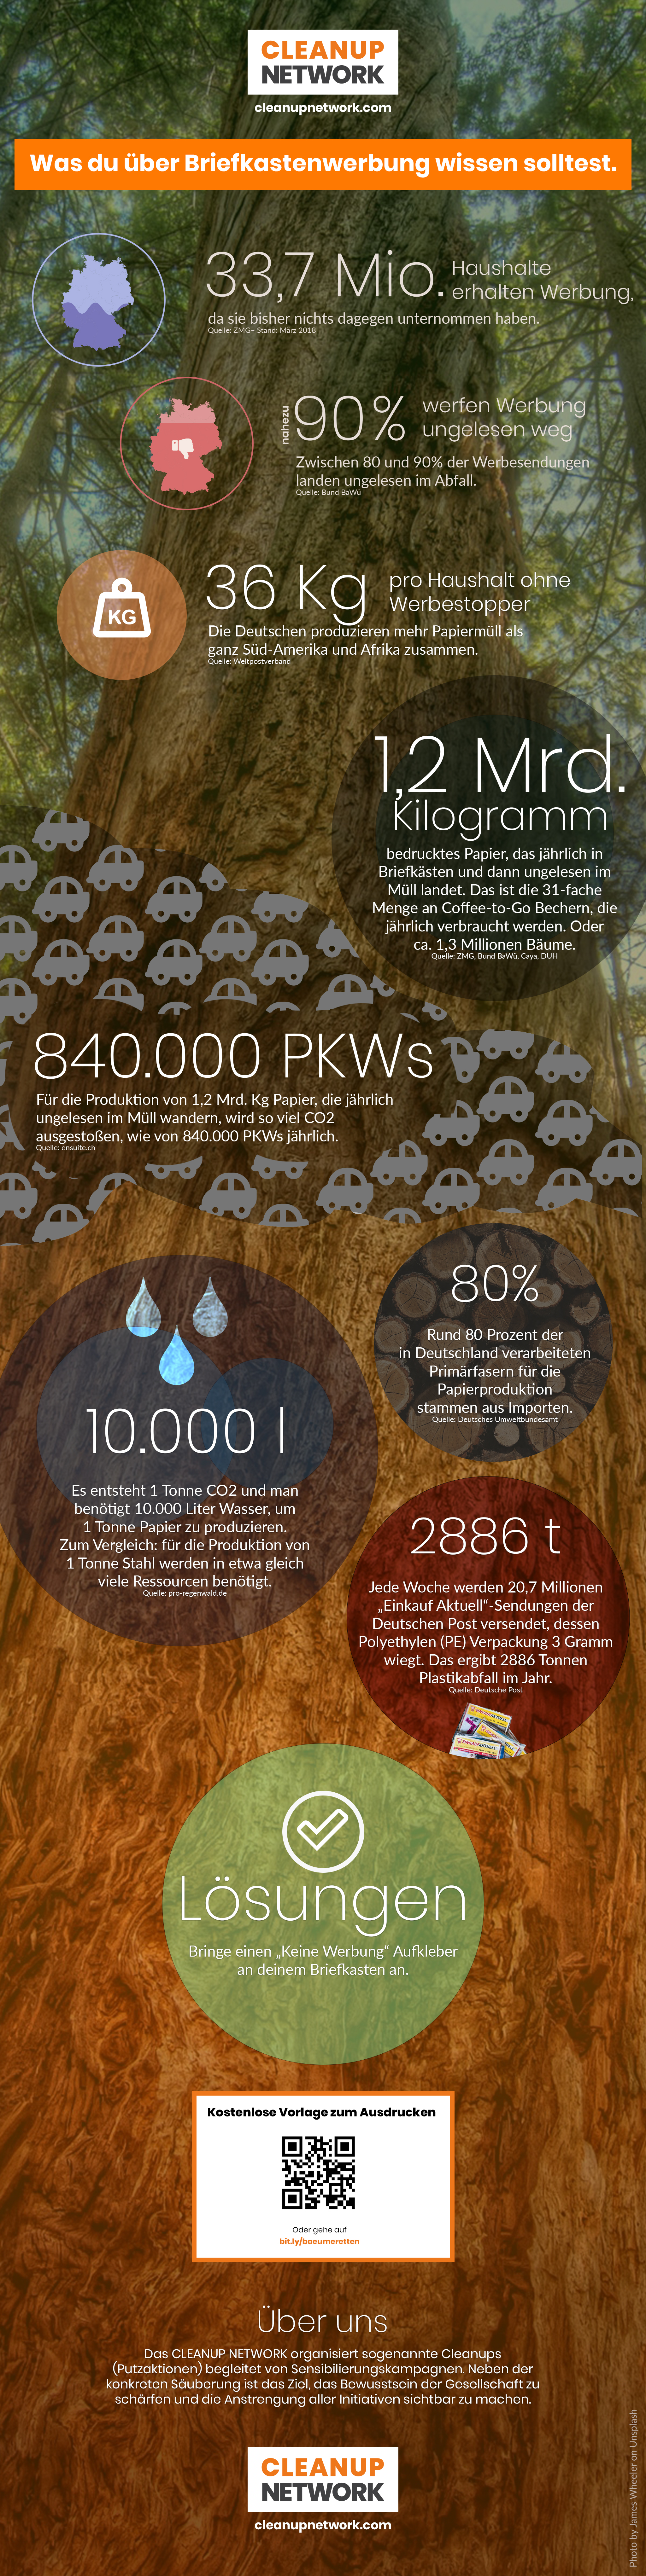 infografik papiermüll durch briefkastenwerbung